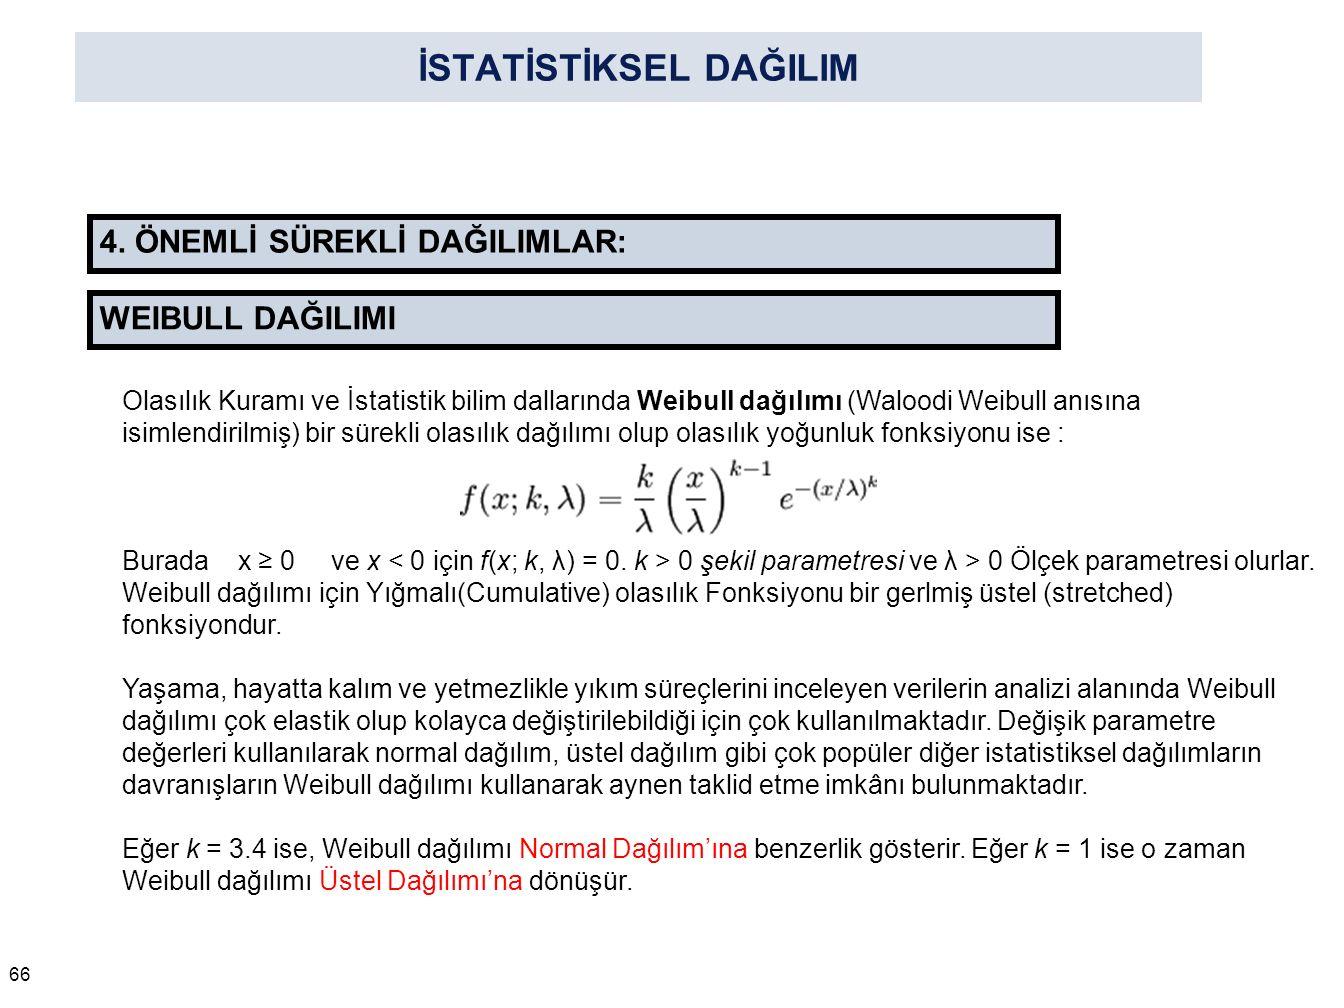 Olasılık Kuramı ve İstatistik bilim dallarında Weibull dağılımı (Waloodi Weibull anısına isimlendirilmiş) bir sürekli olasılık dağılımı olup olasılık